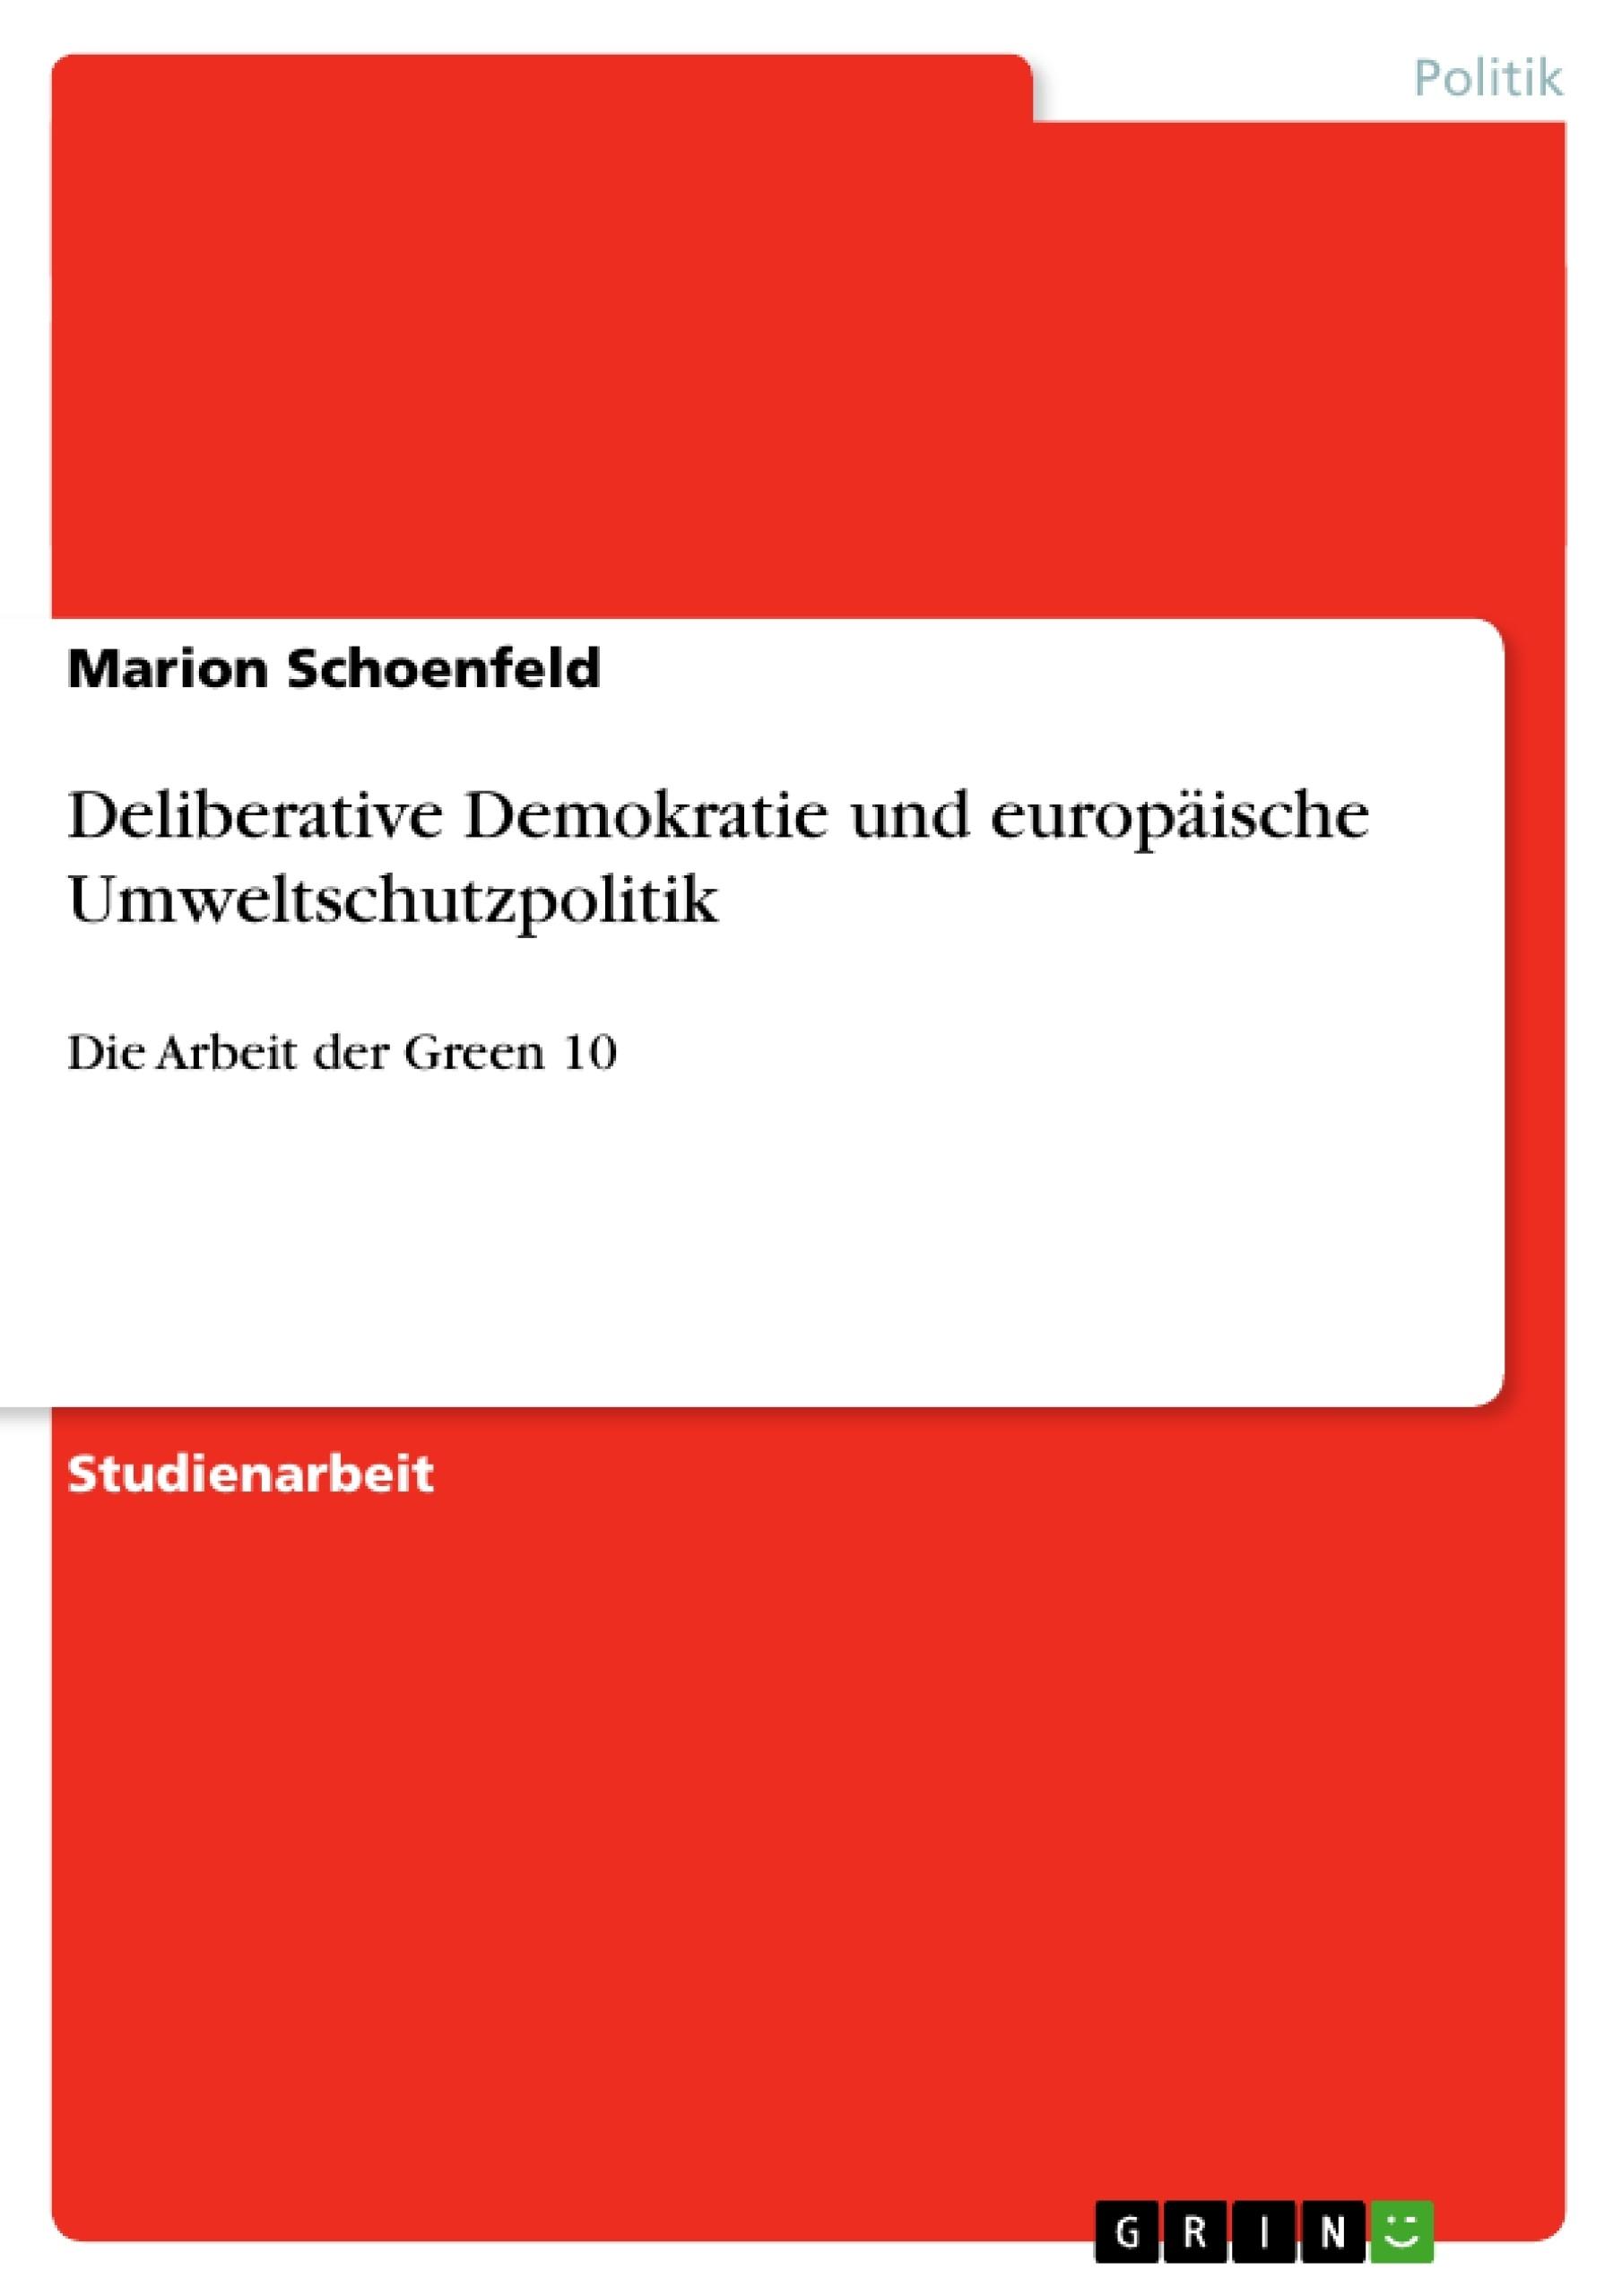 Titel: Deliberative Demokratie und europäische Umweltschutzpolitik